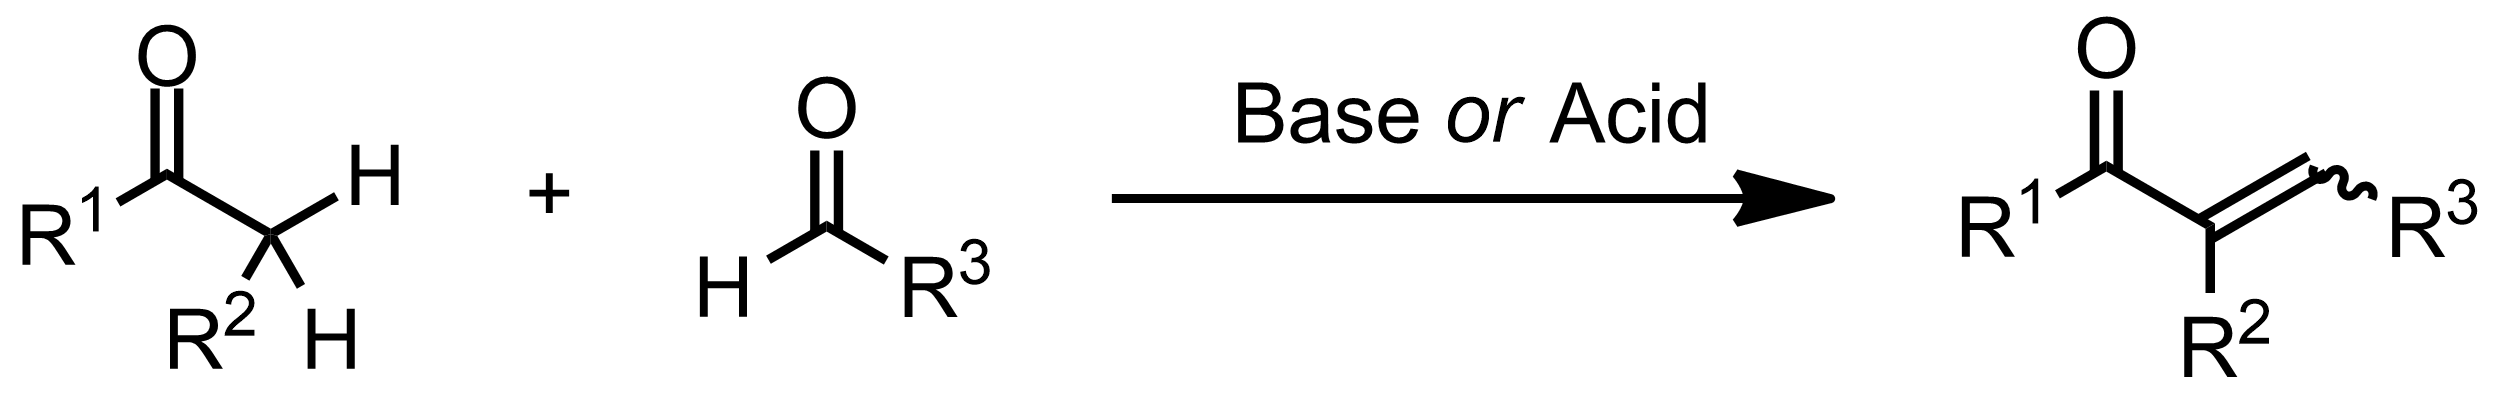 Schematic representation of the Claisen-Schmidt Condensation.